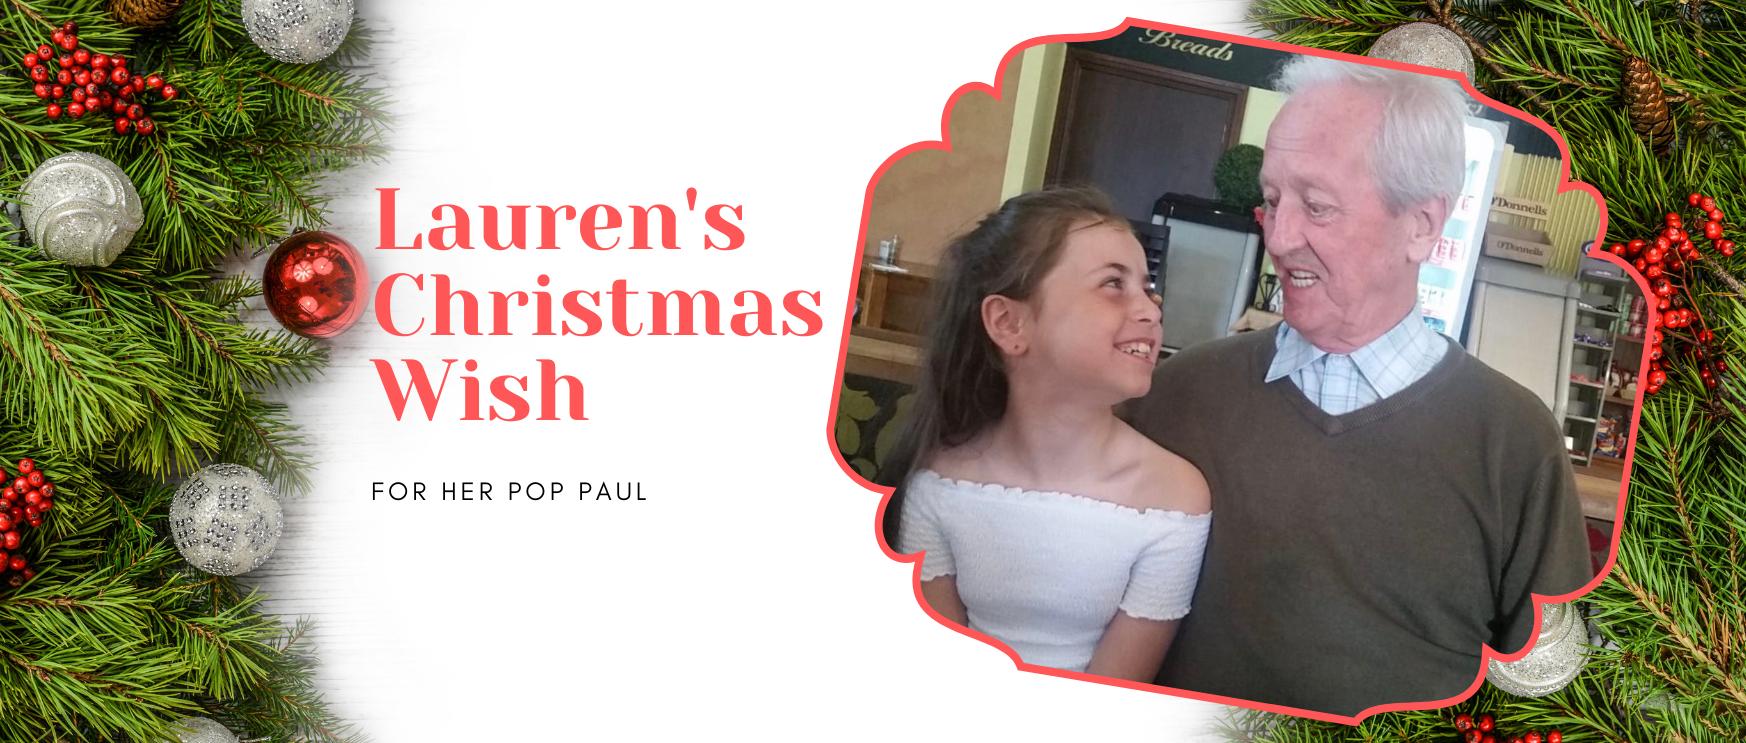 Lauren's Christmas Wish